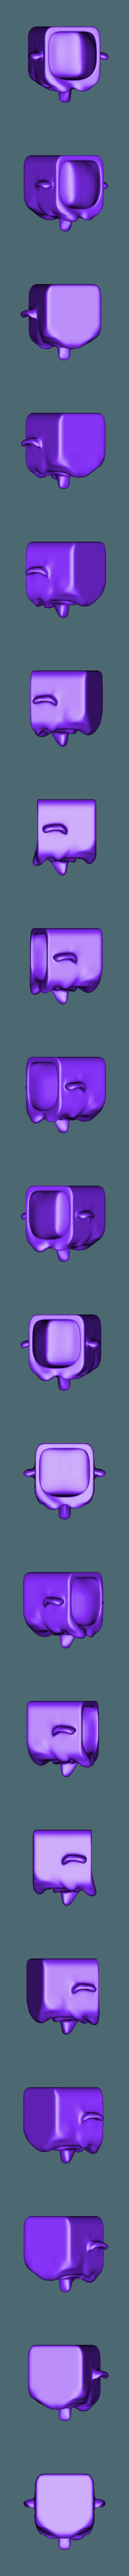 maceta_cabeza.stl Download free STL file Dream pot • 3D print model, elnata